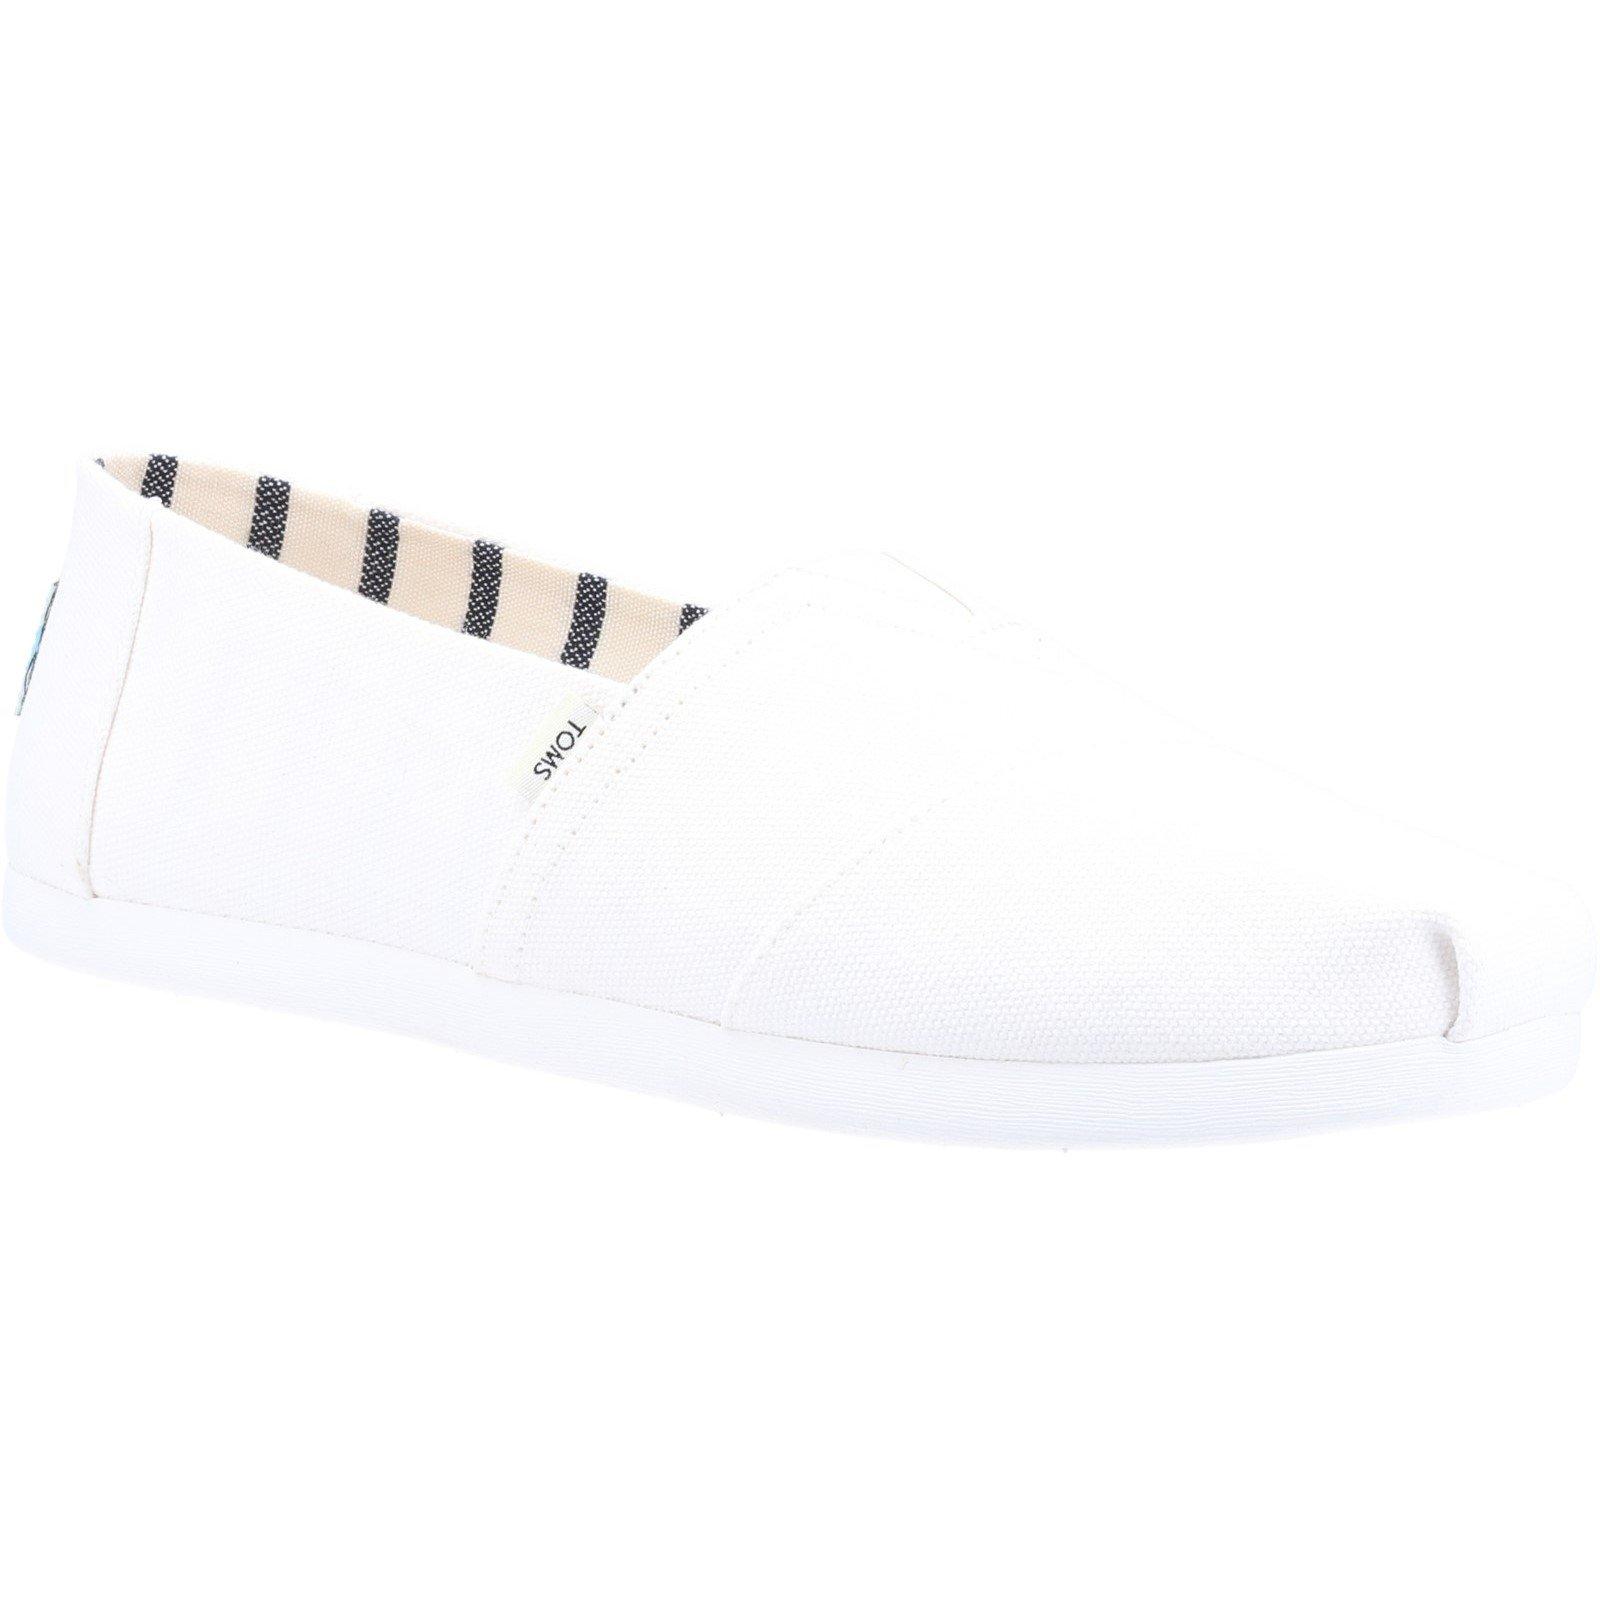 TOMS Men's Alpargata Canvas Loafer White 32554 - White 10